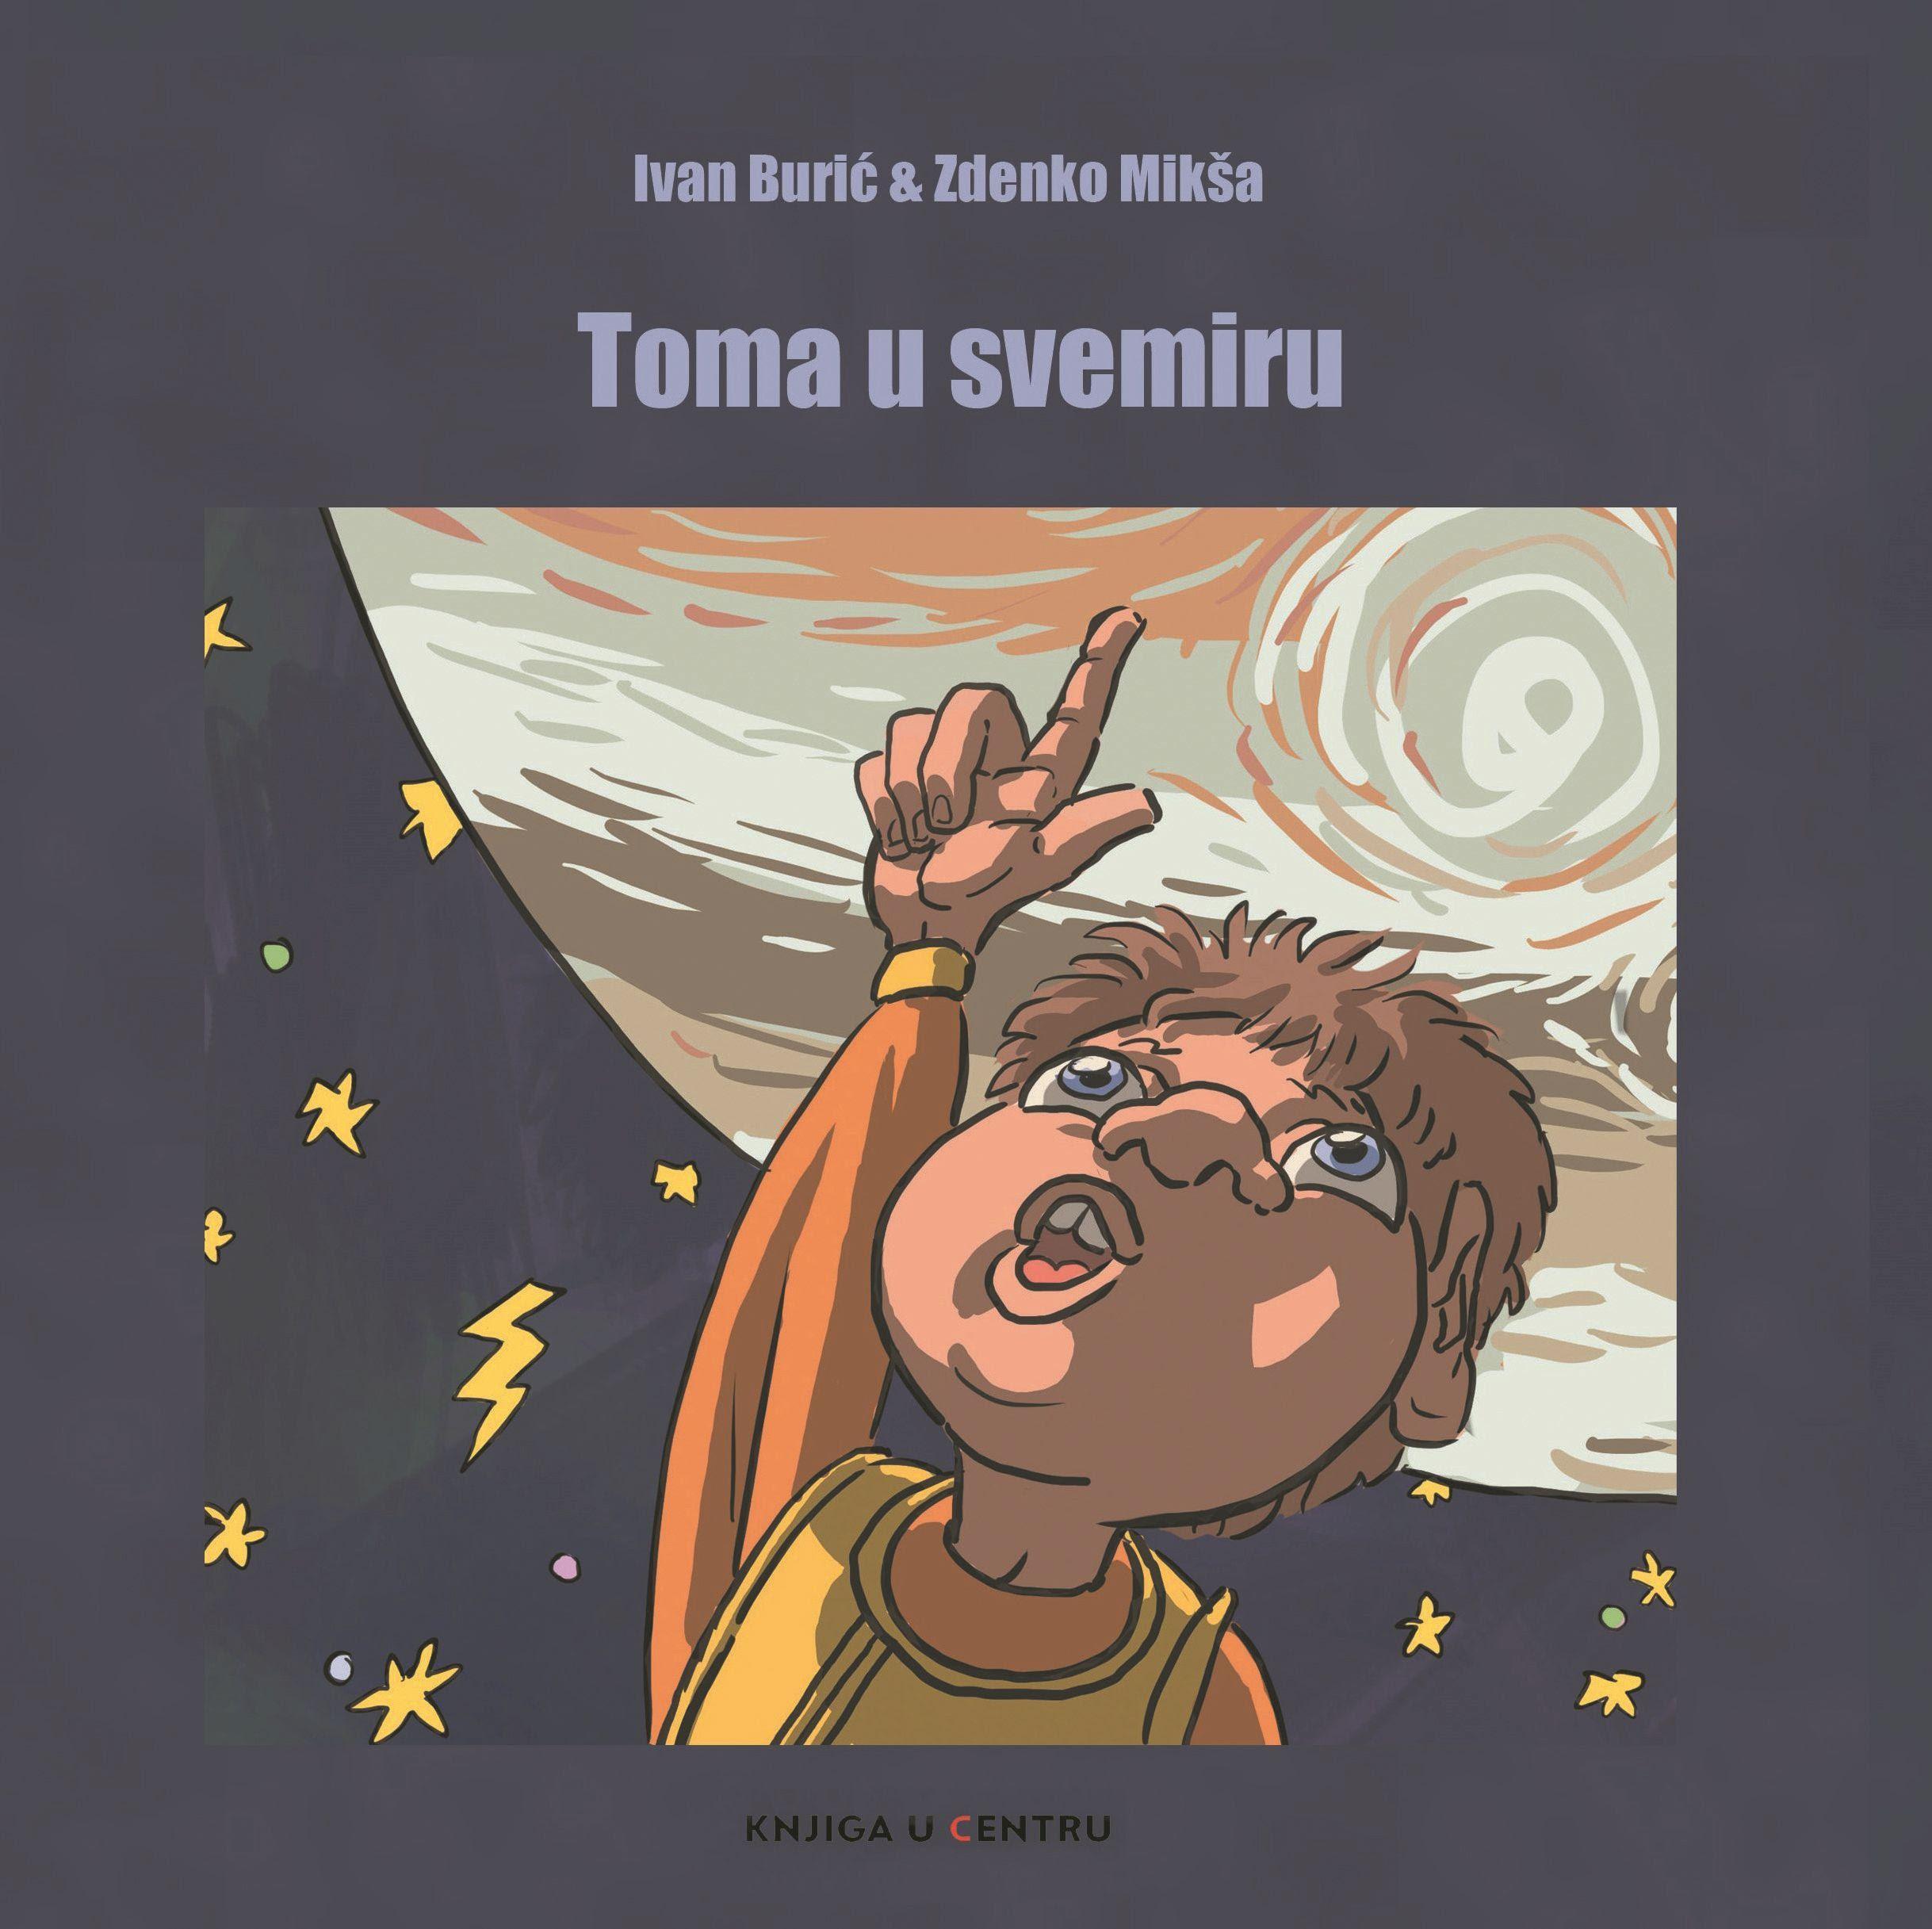 Svestrani umjetnik Ivan Burić izdao svoju prvu slikovnicu 'Toma u svemiru'